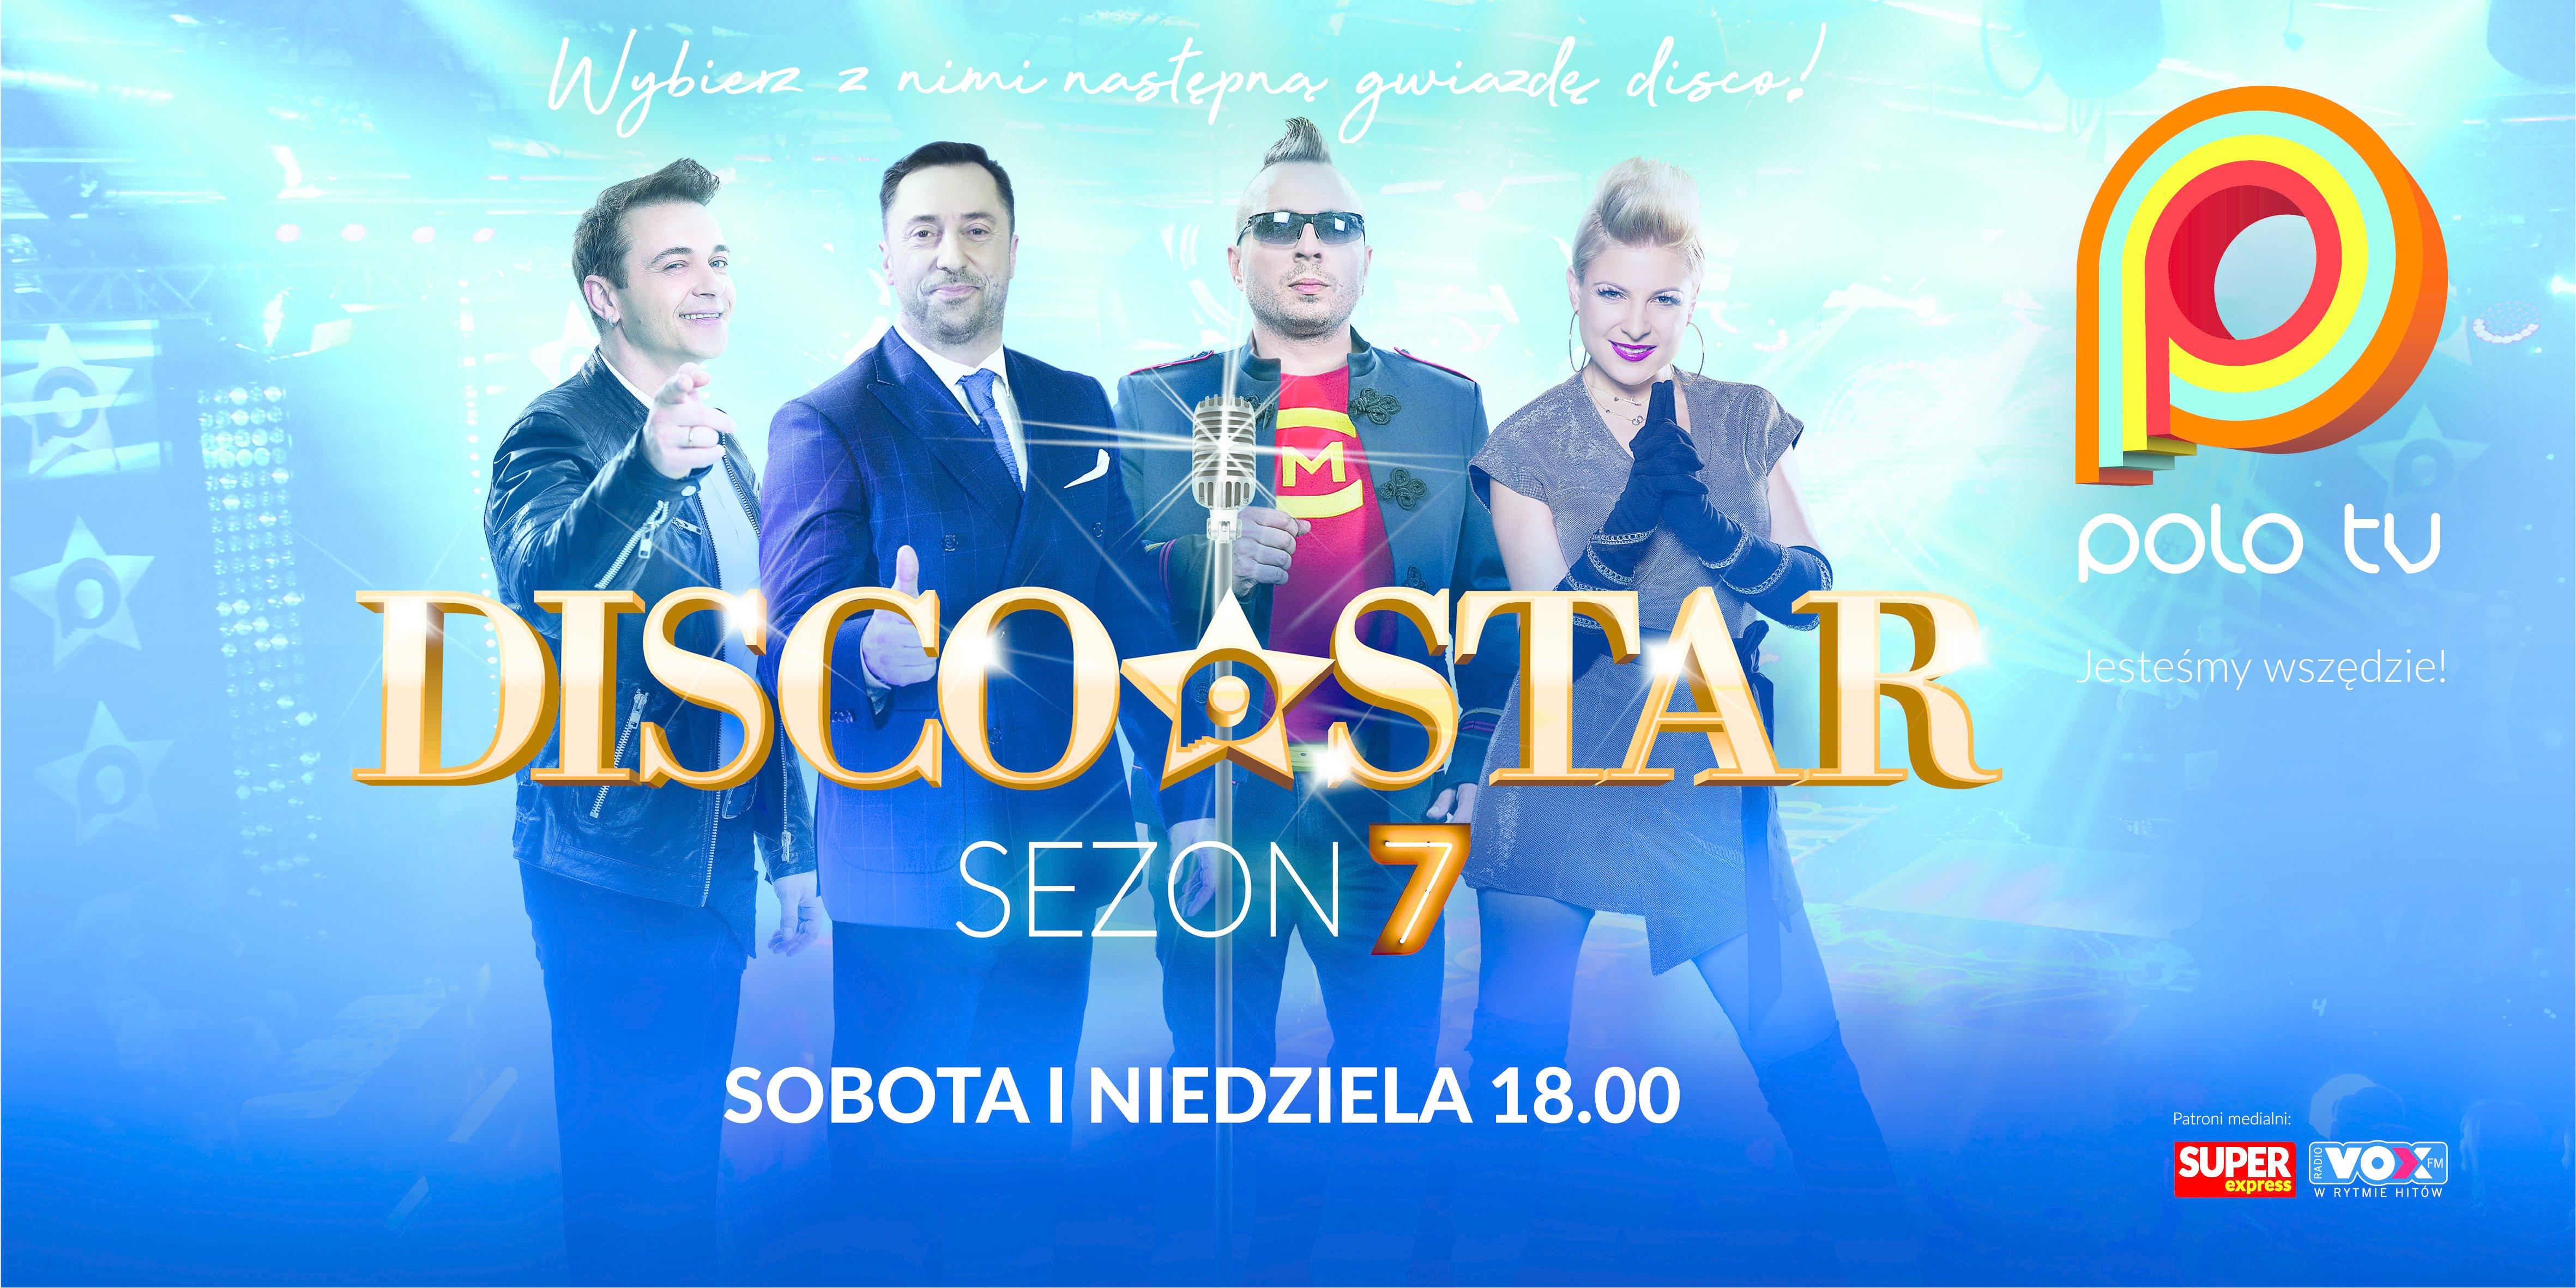 Disco Star 2019 - kto zostanie następną gwiazdą disco polo?!